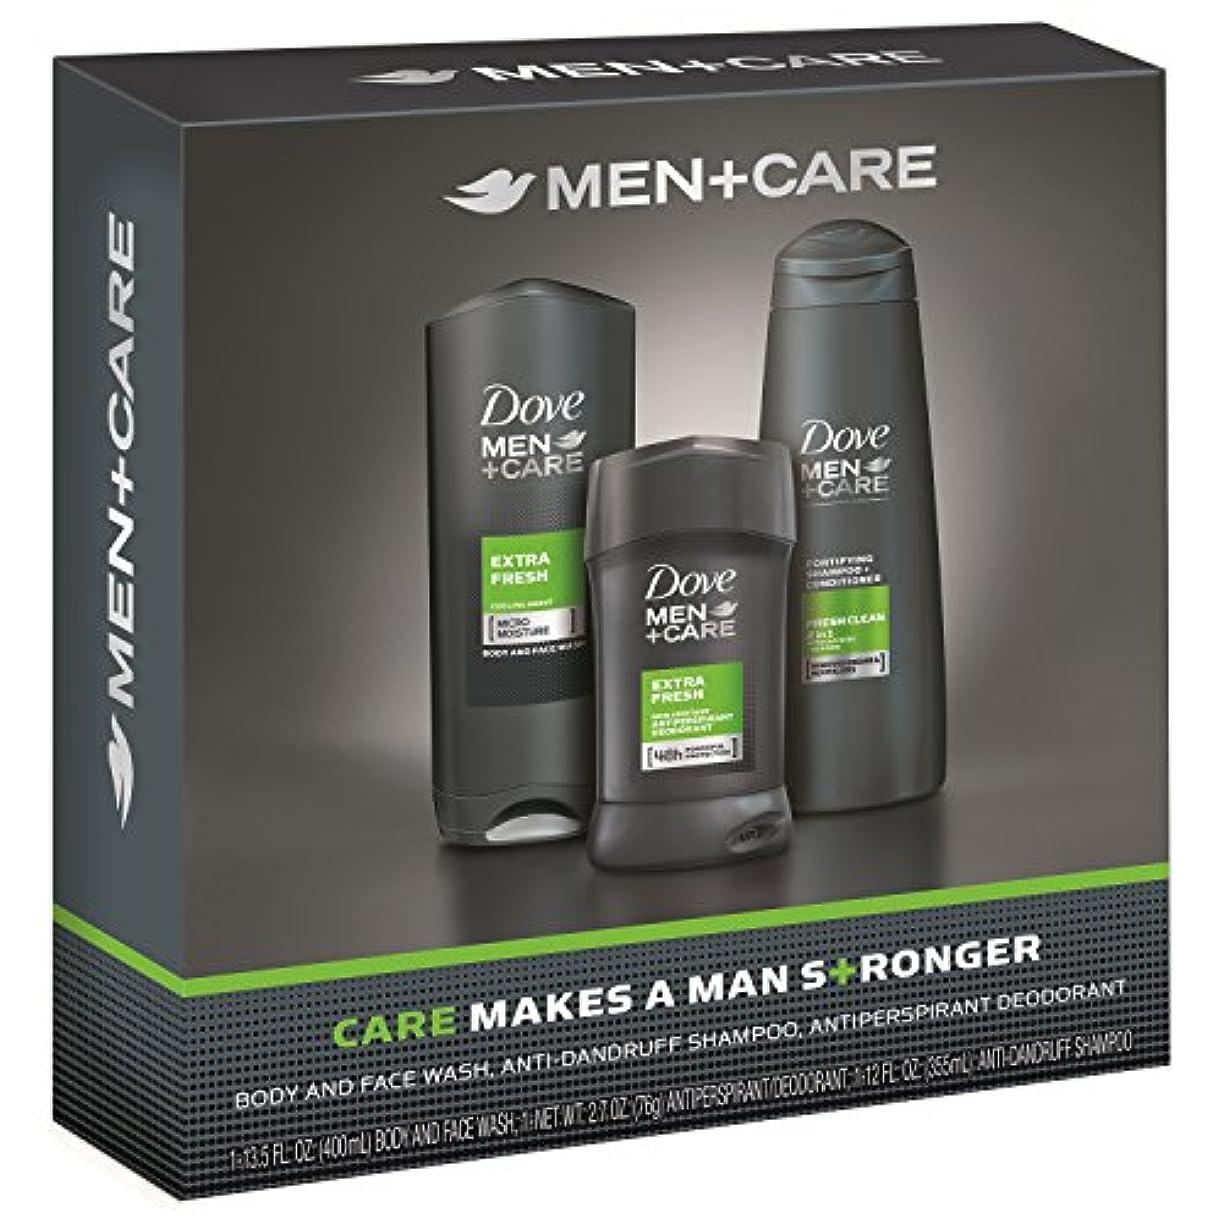 広大な呼吸広告するDove Men+Care Gift Pack Extra Fresh ダブ メンプラスケア ギフトパック エクストラフレッシュ